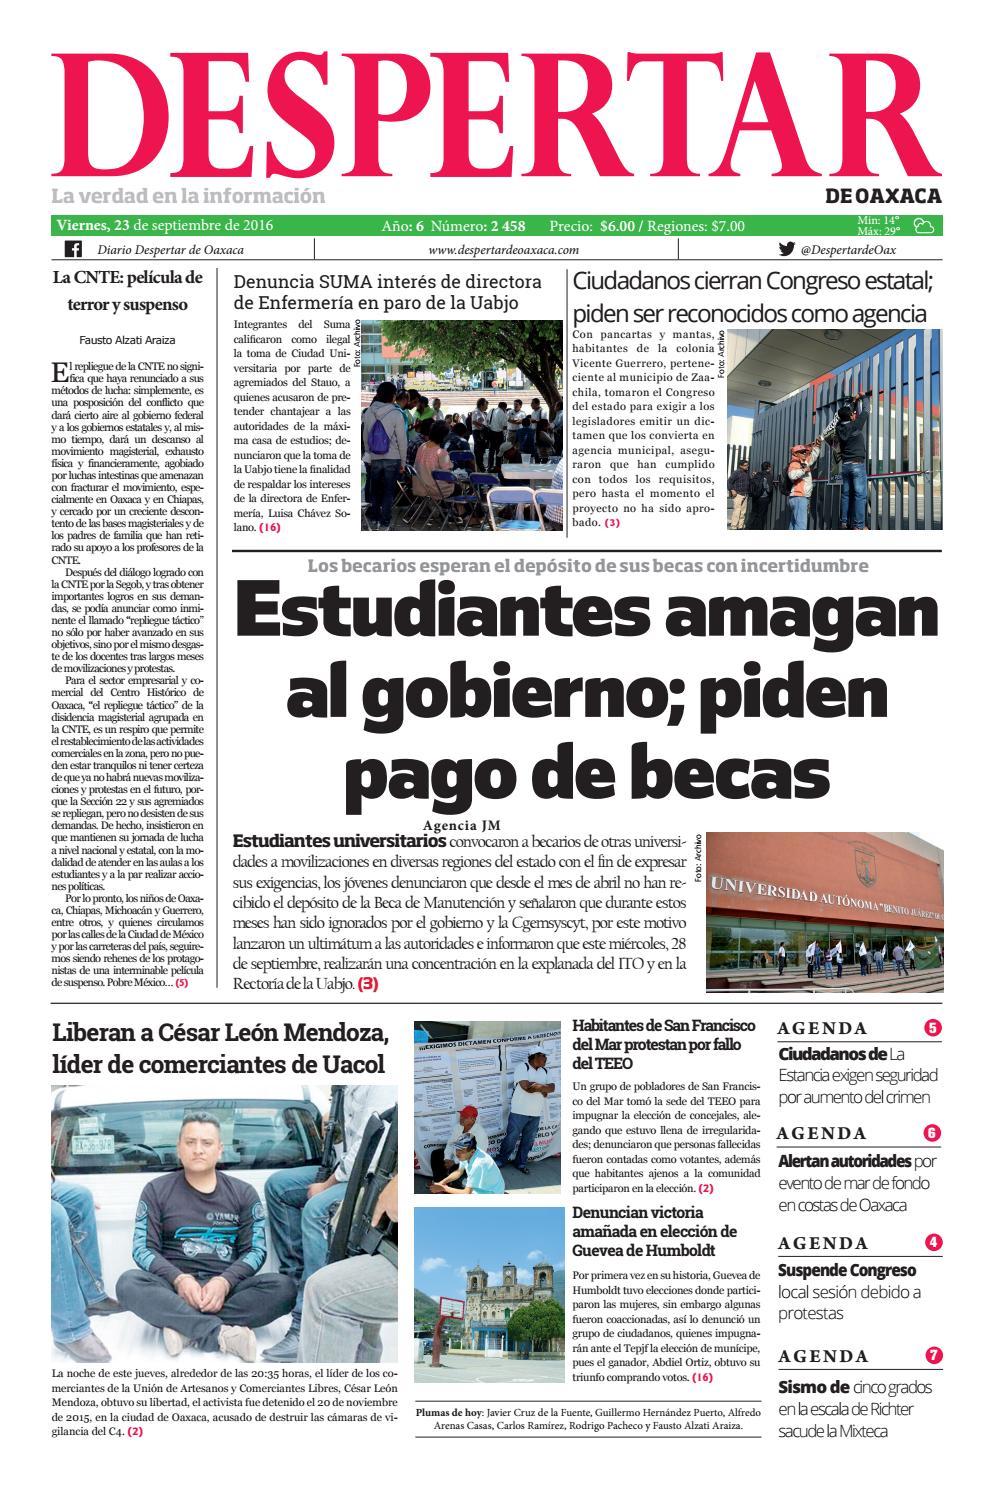 Despertar 23 de septiembre 2016 by Despertar de Oaxaca - issuu